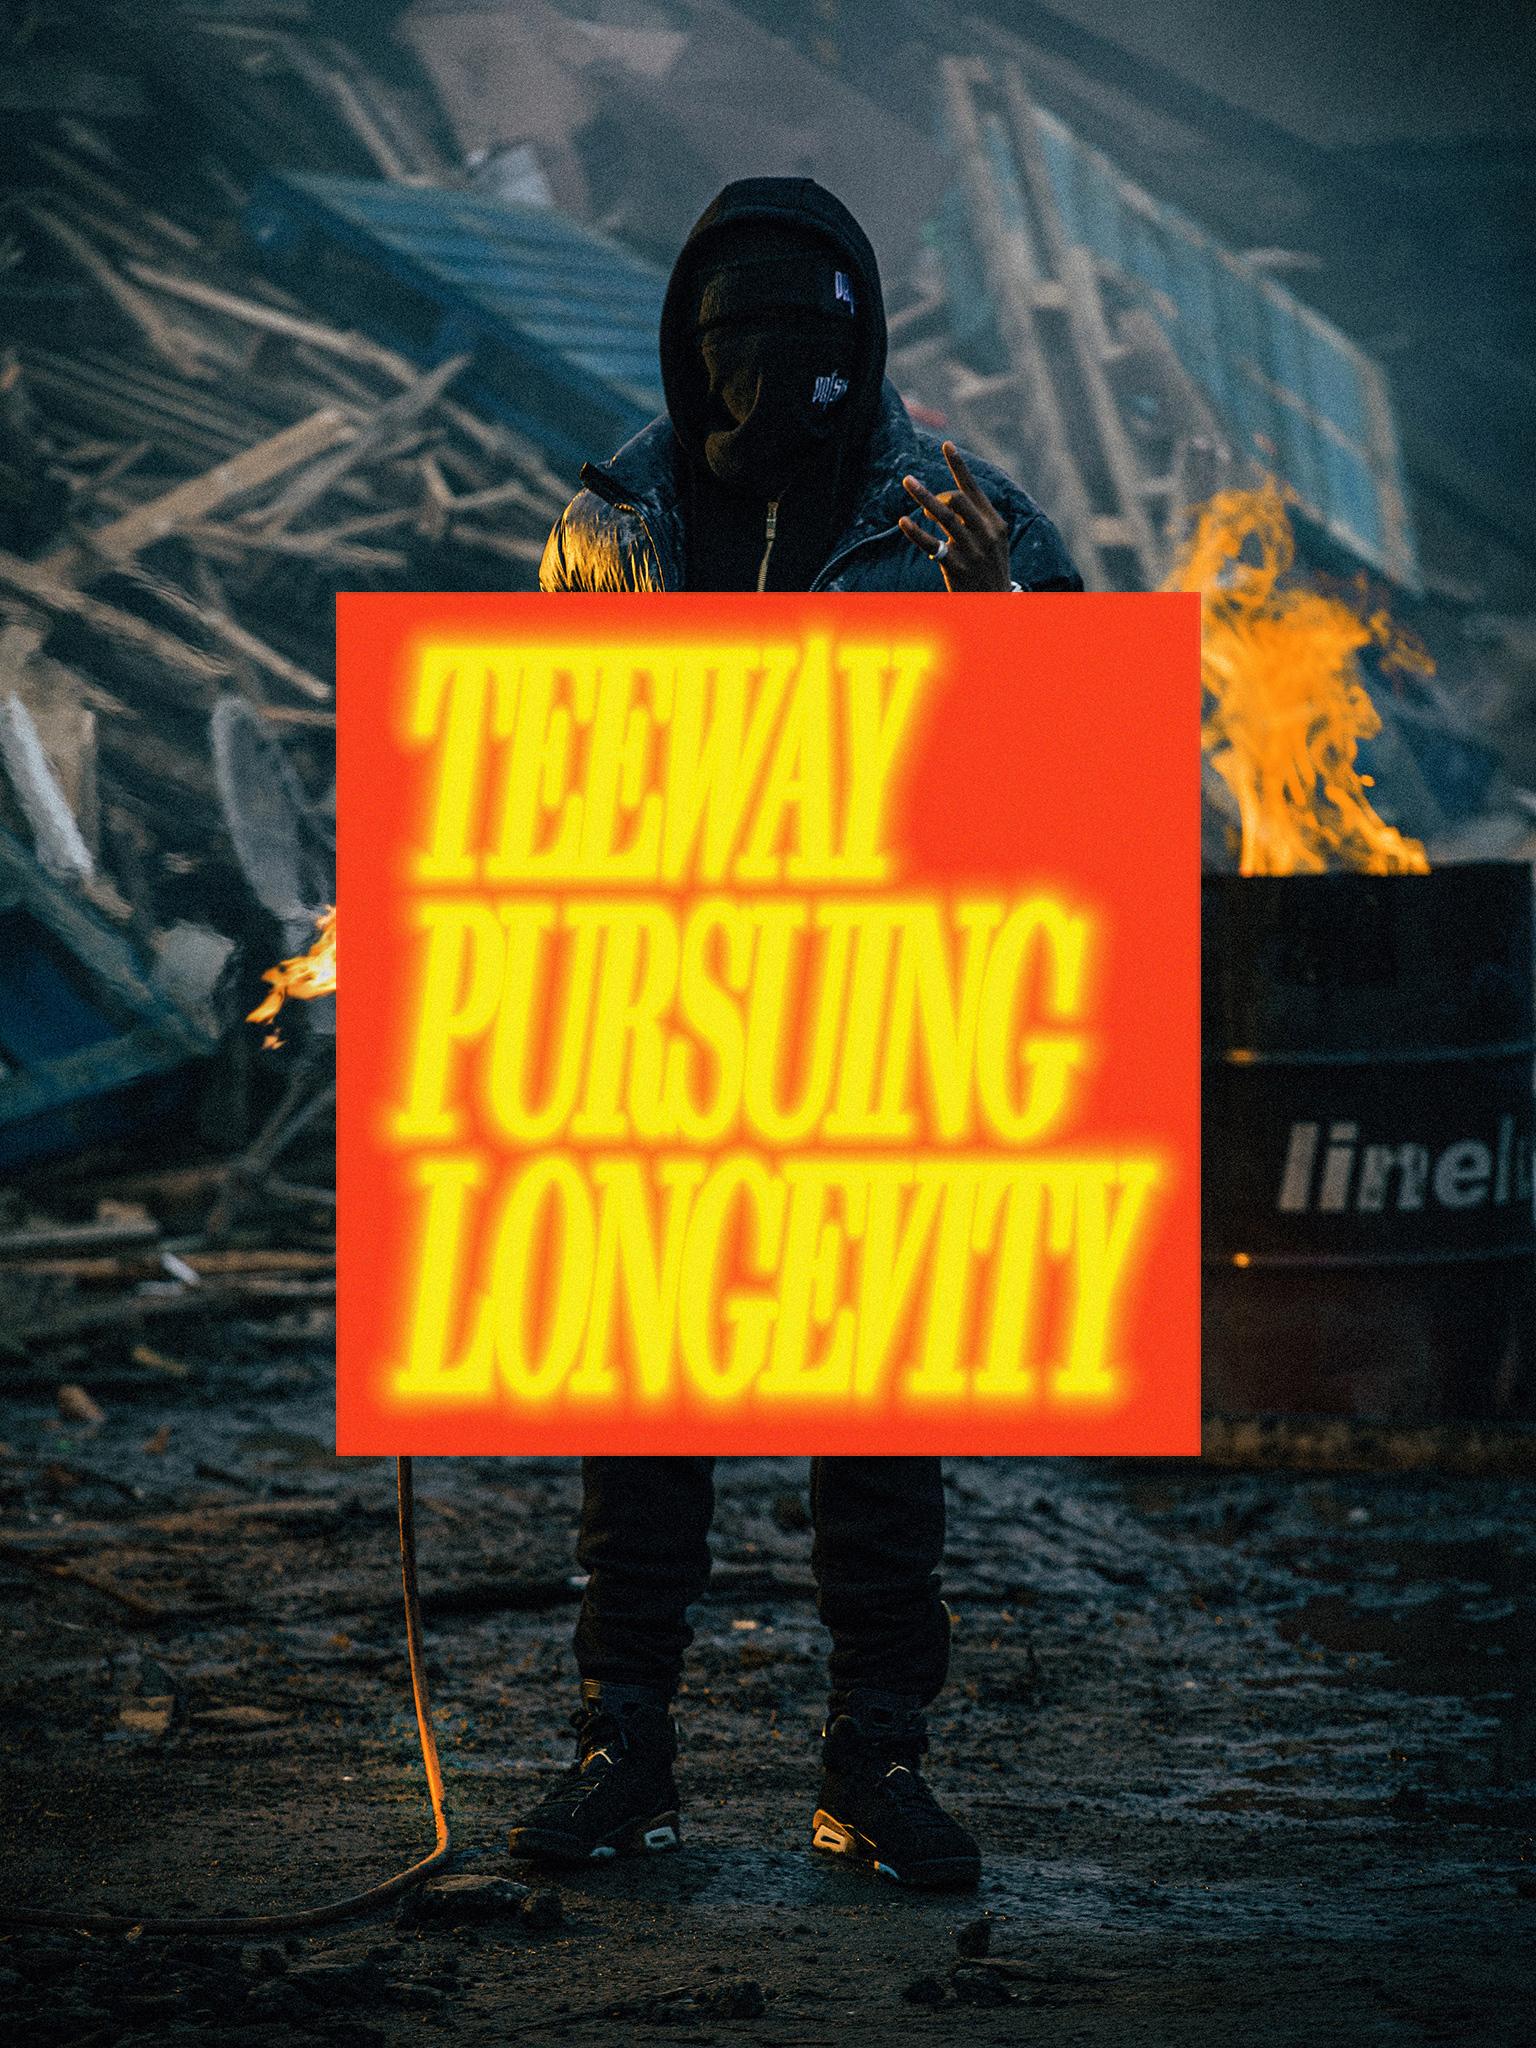 Teeway: Pursuing Longevity